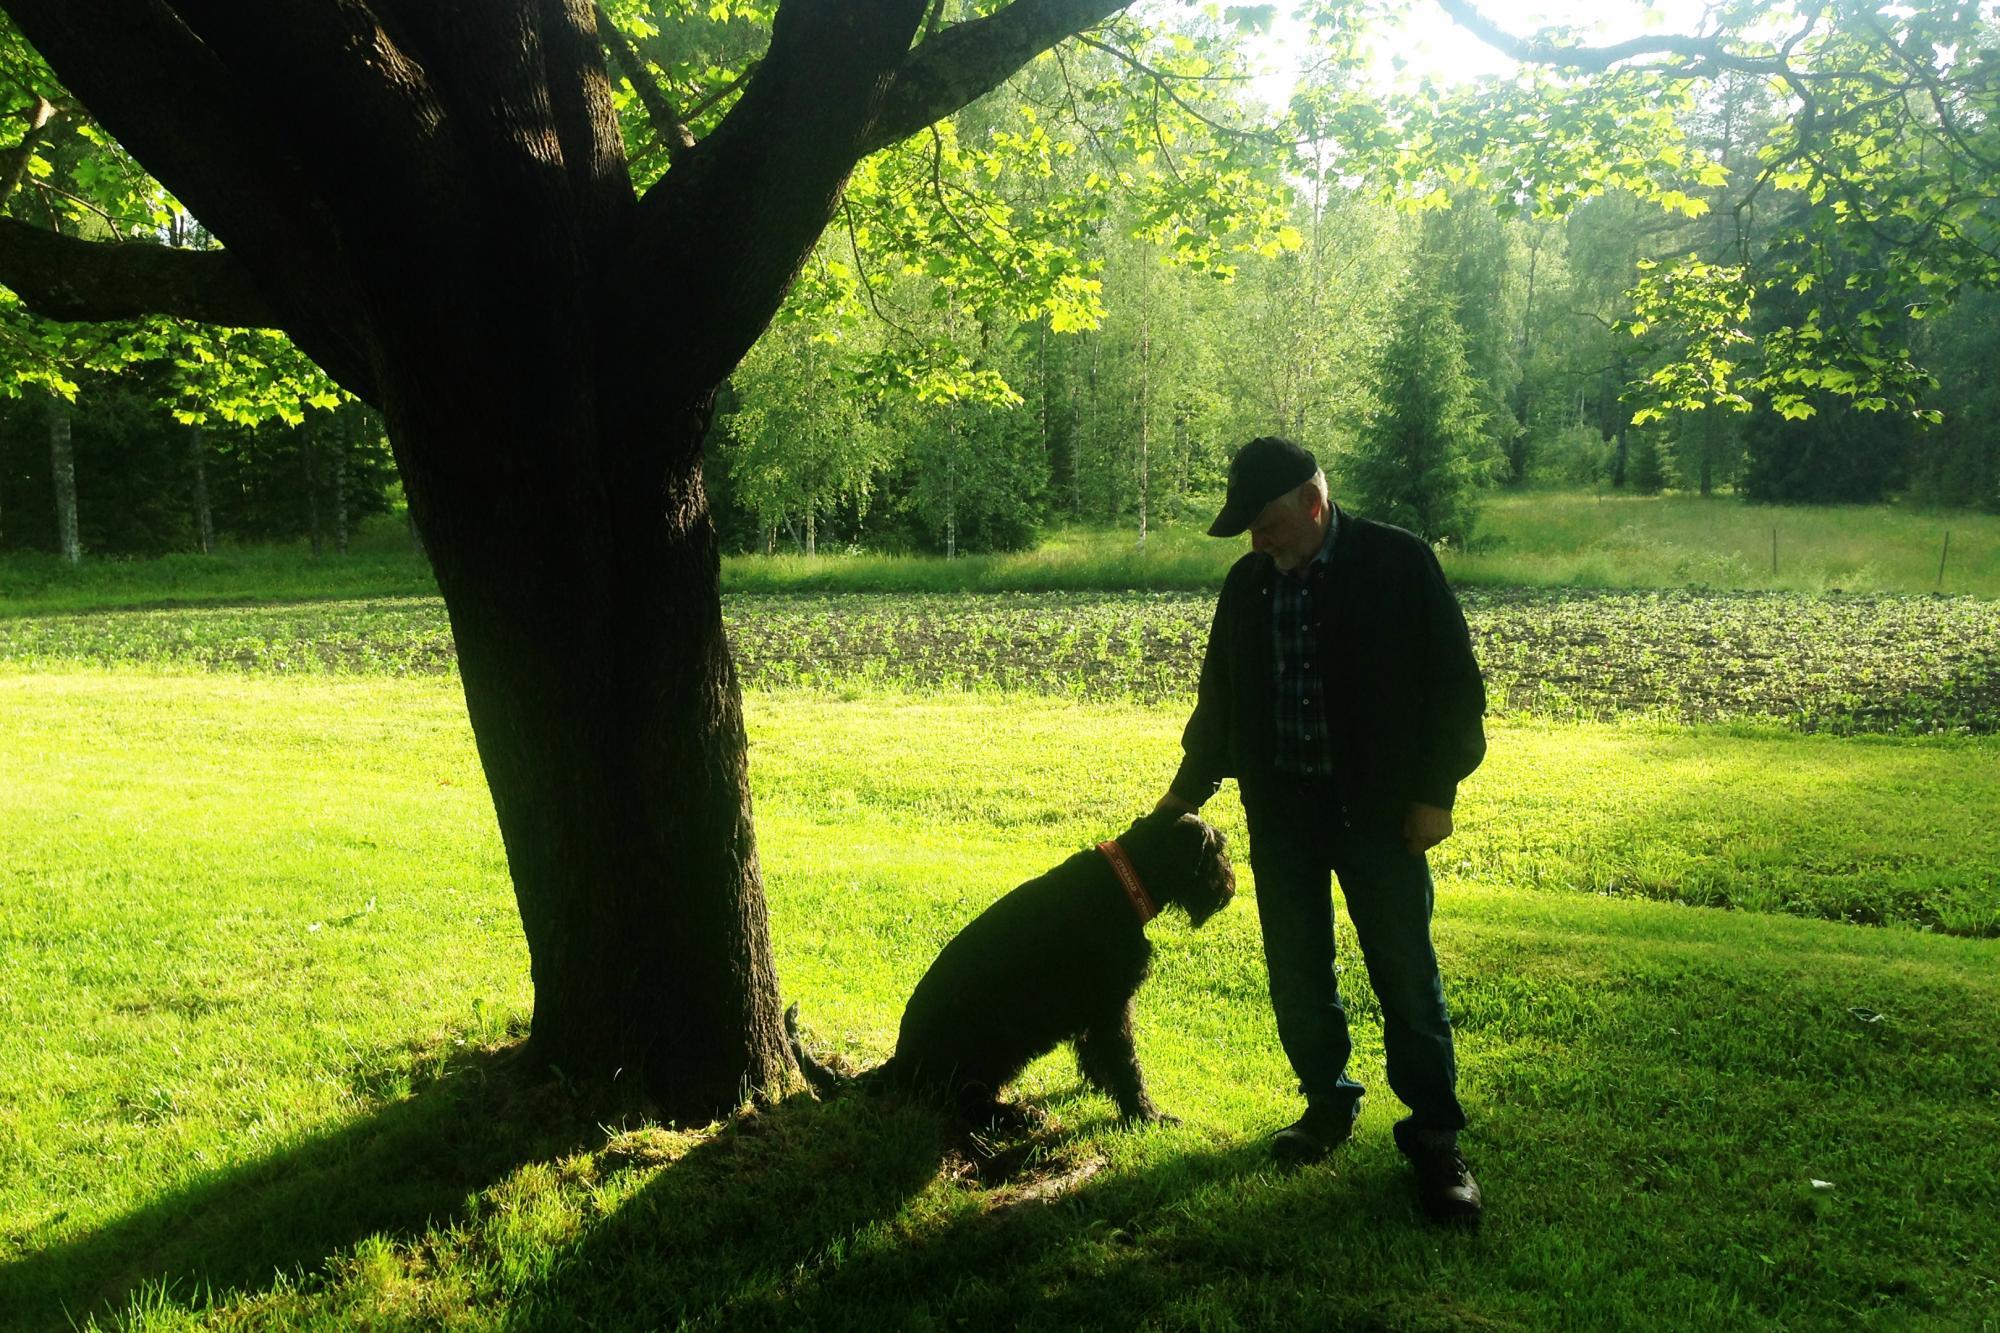 Om din hund förföljer vilt eller lantbruksdjur kan den i värsta fall avlivas av jakträttsinnehavaren, polis eller länsstyrelsen.